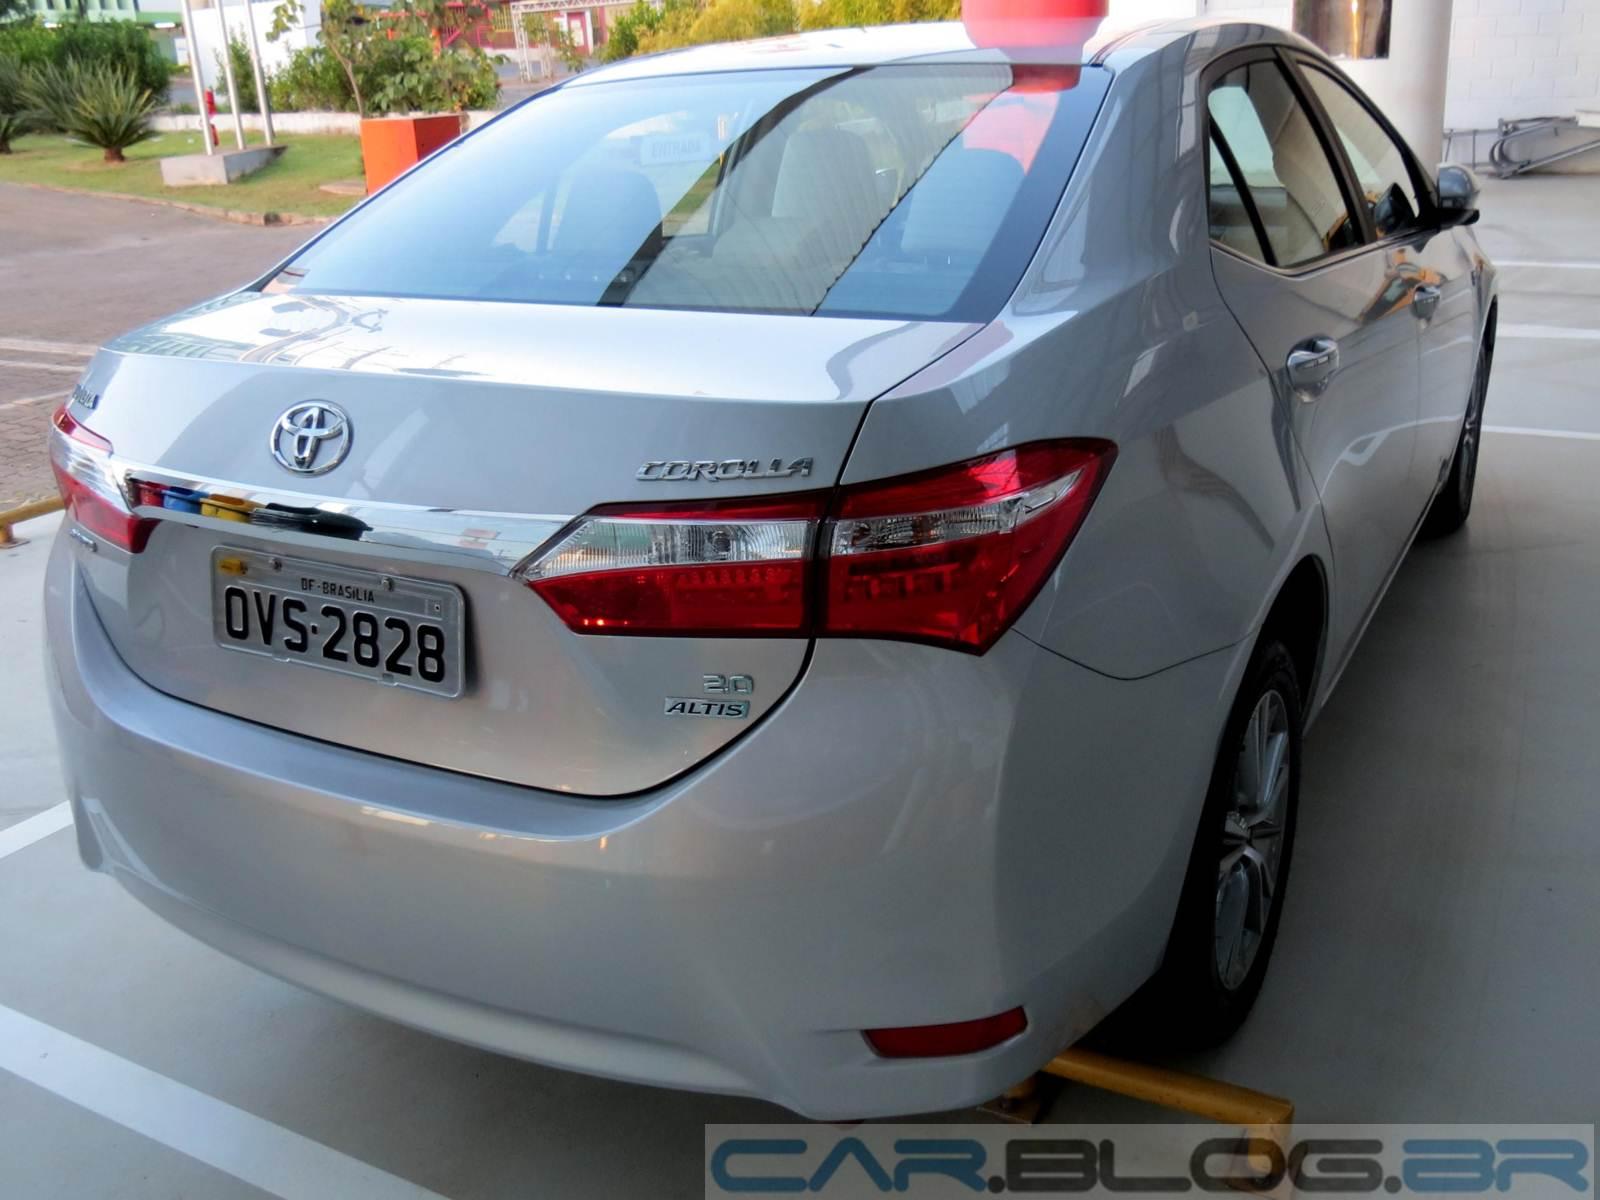 Corolla Altis 2015 Video Preco Consumoon 2014 Toyota Corolla S Interior